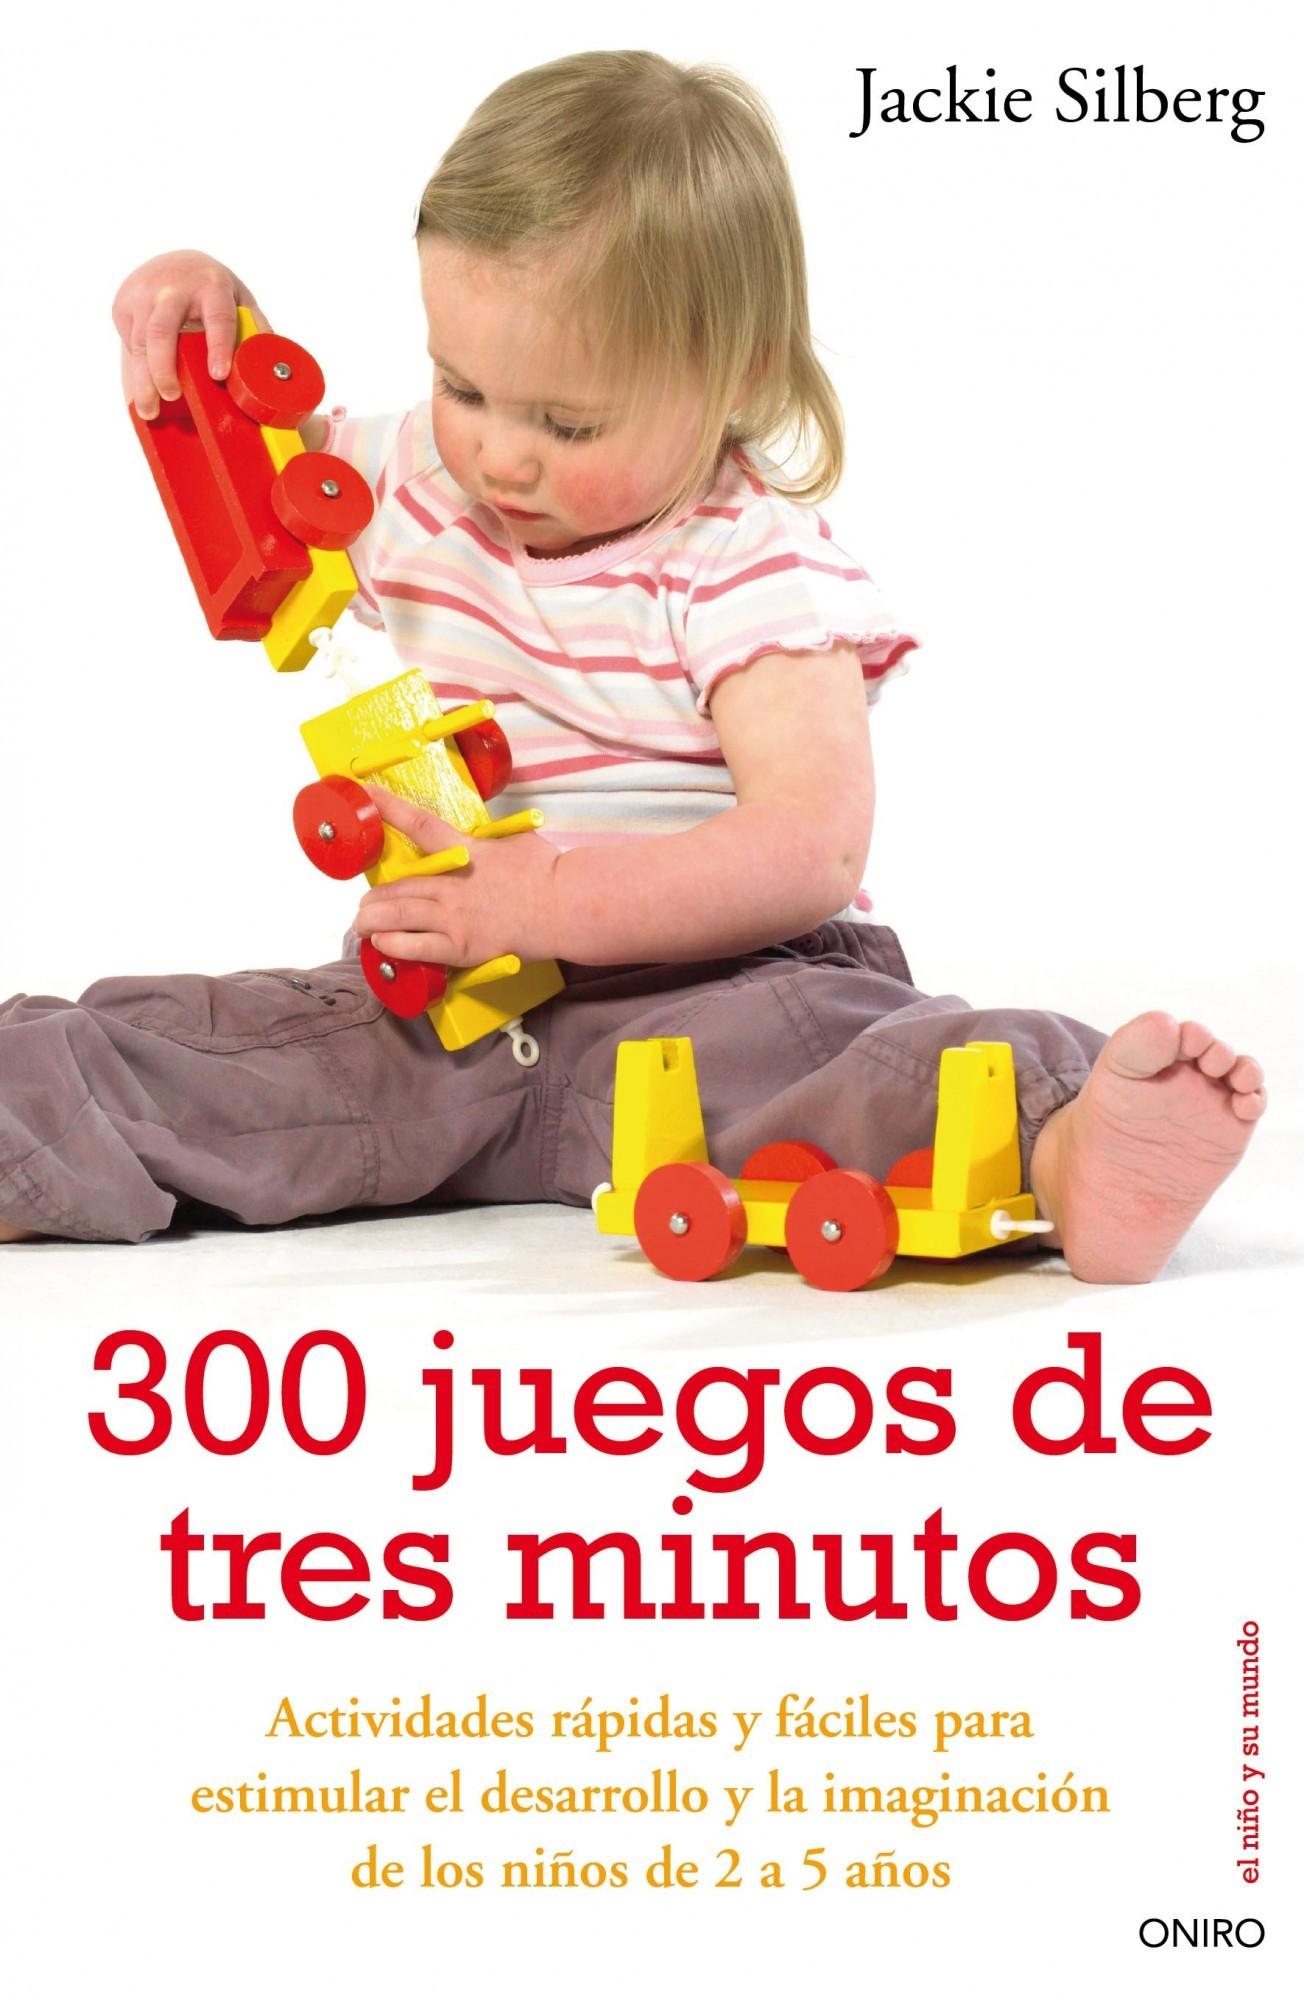 300 JUEGOS DE TRES MINUTOS. ACTIVIDADES RÁPIDAS Y FÁCILES PARA ESTIMULAR EL DESARROLLO